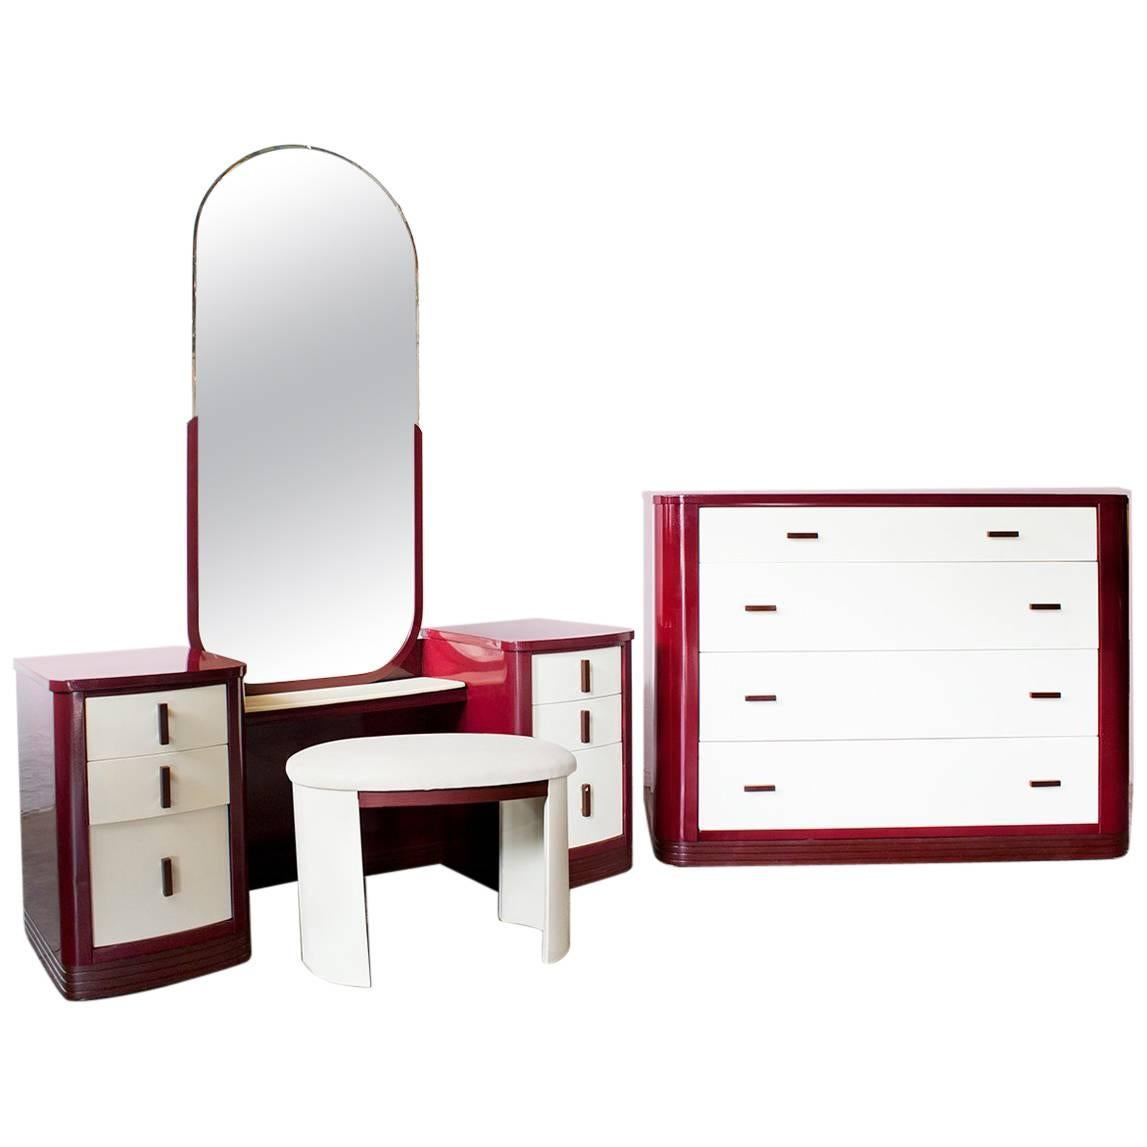 Merveilleux Norman Bel Geddes Dresser And Vanity Bedroom Set, Refinished For Sale